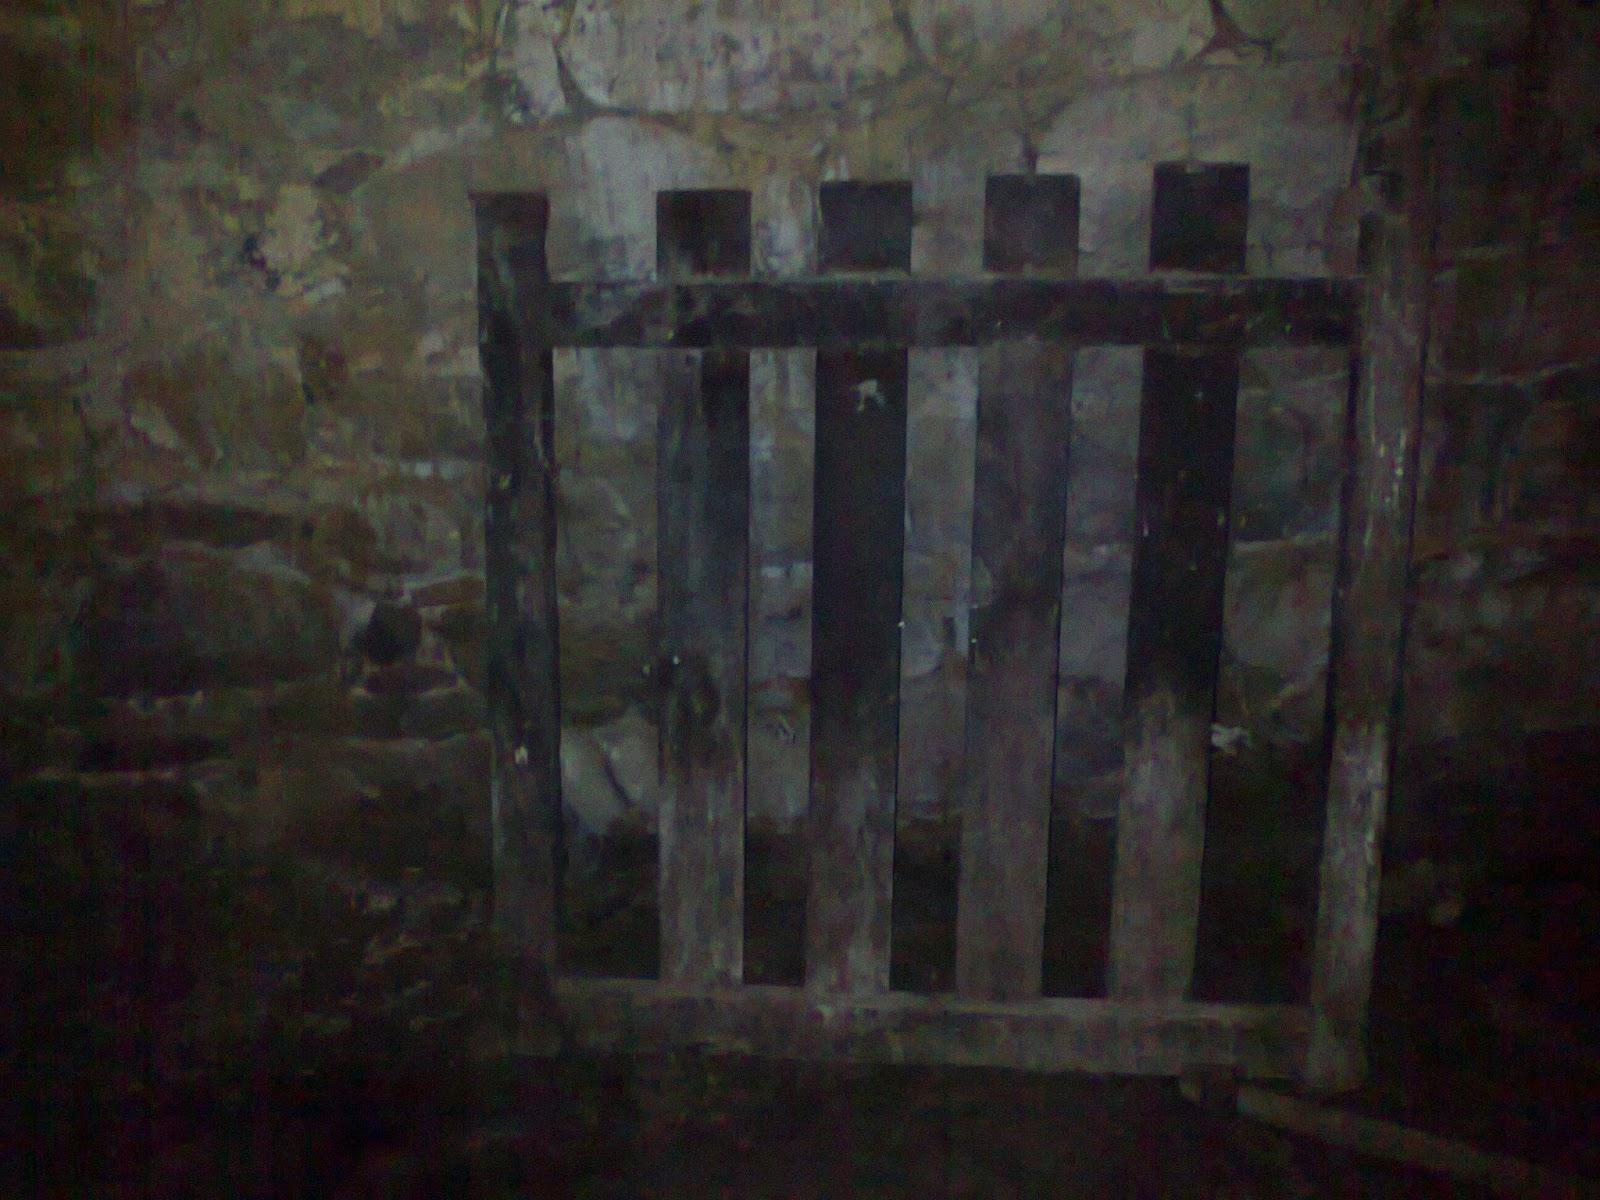 El robledal de todos puerta de la escalera - Puertas de escalera ...